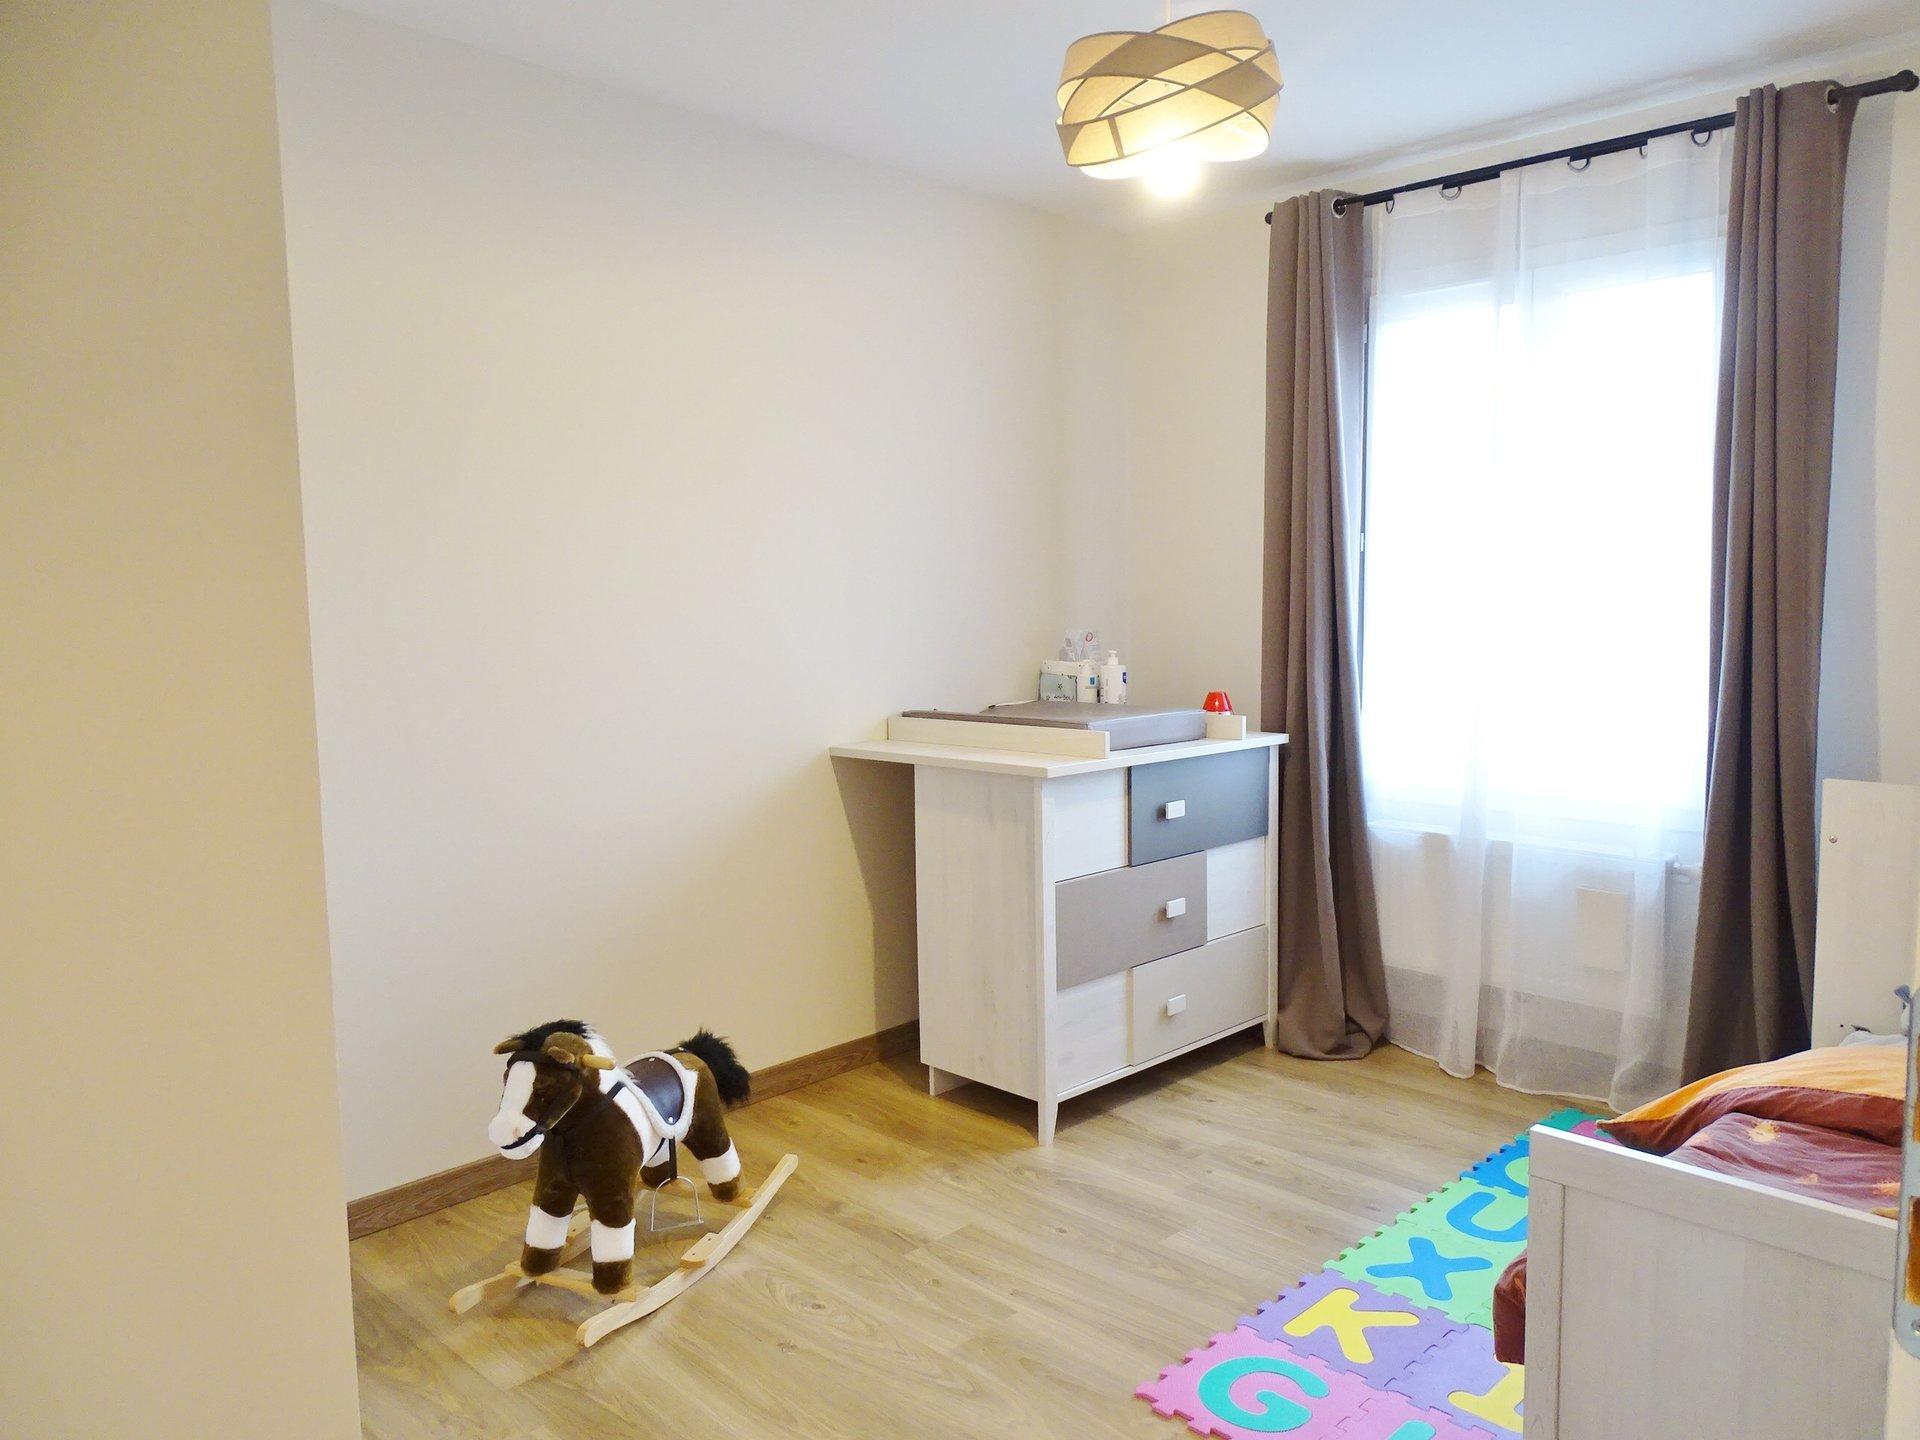 Pour le prix d'un appartement avec terrasse, profitez de cette maison en parfait état construite en 2011. Vous apprécierez ce hall d'entrée avec placard donnant sur un agréable séjour de 30 m² environ et ouvert sur une cuisine équipée moderne. A l'étage vous découvrirez 3 chambres et la salle de bains.  Les plus : chaudière gaz à condensation, climatisation, alarme, belle terrasse, garage de 24 m² plus mezzanine aménagée en espace bureau, terrain de 261 m² offrant une vue dégagée... Maison située sur Sennecé-les-Mâcon. A SAISIR RAPIDEMENT. Honoraires à la charge du vendeur.